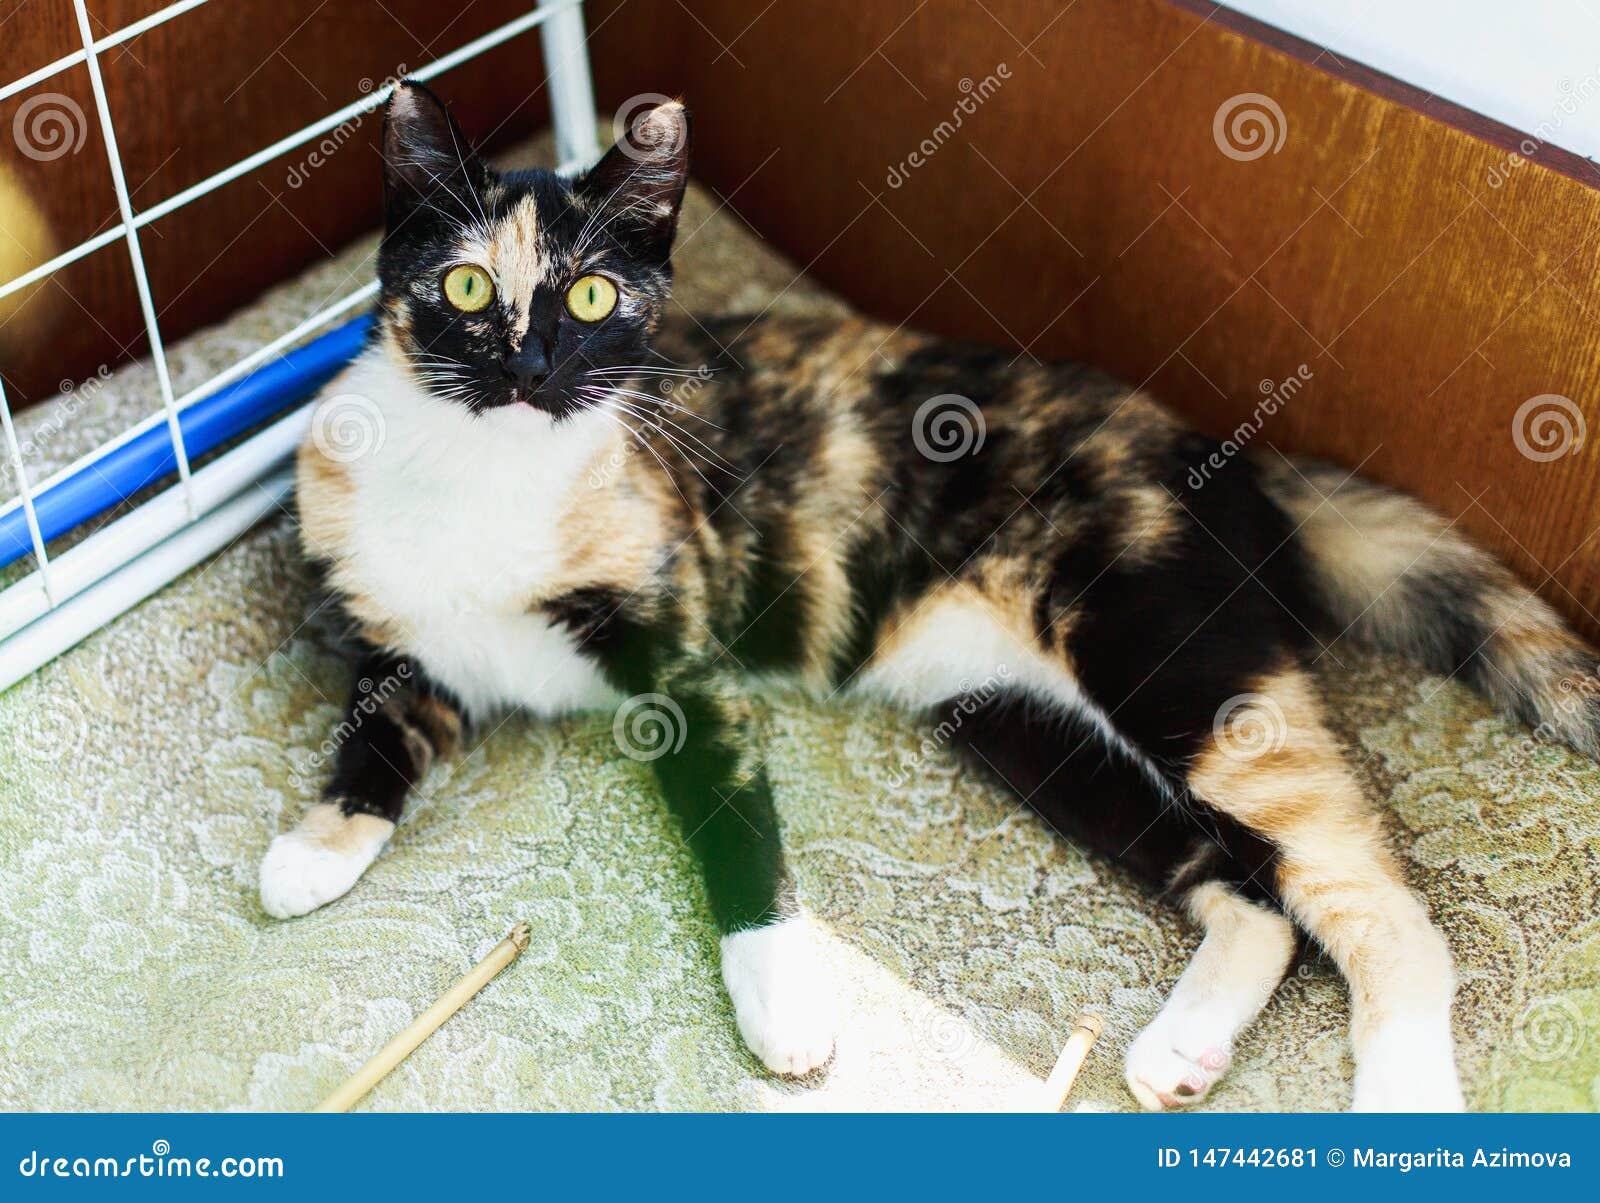 Den lilla gulliga fluffiga strimmig kattkattungen ligger på golvet lazily i ett ljust hyr rum på våren eftermiddag och att se kam